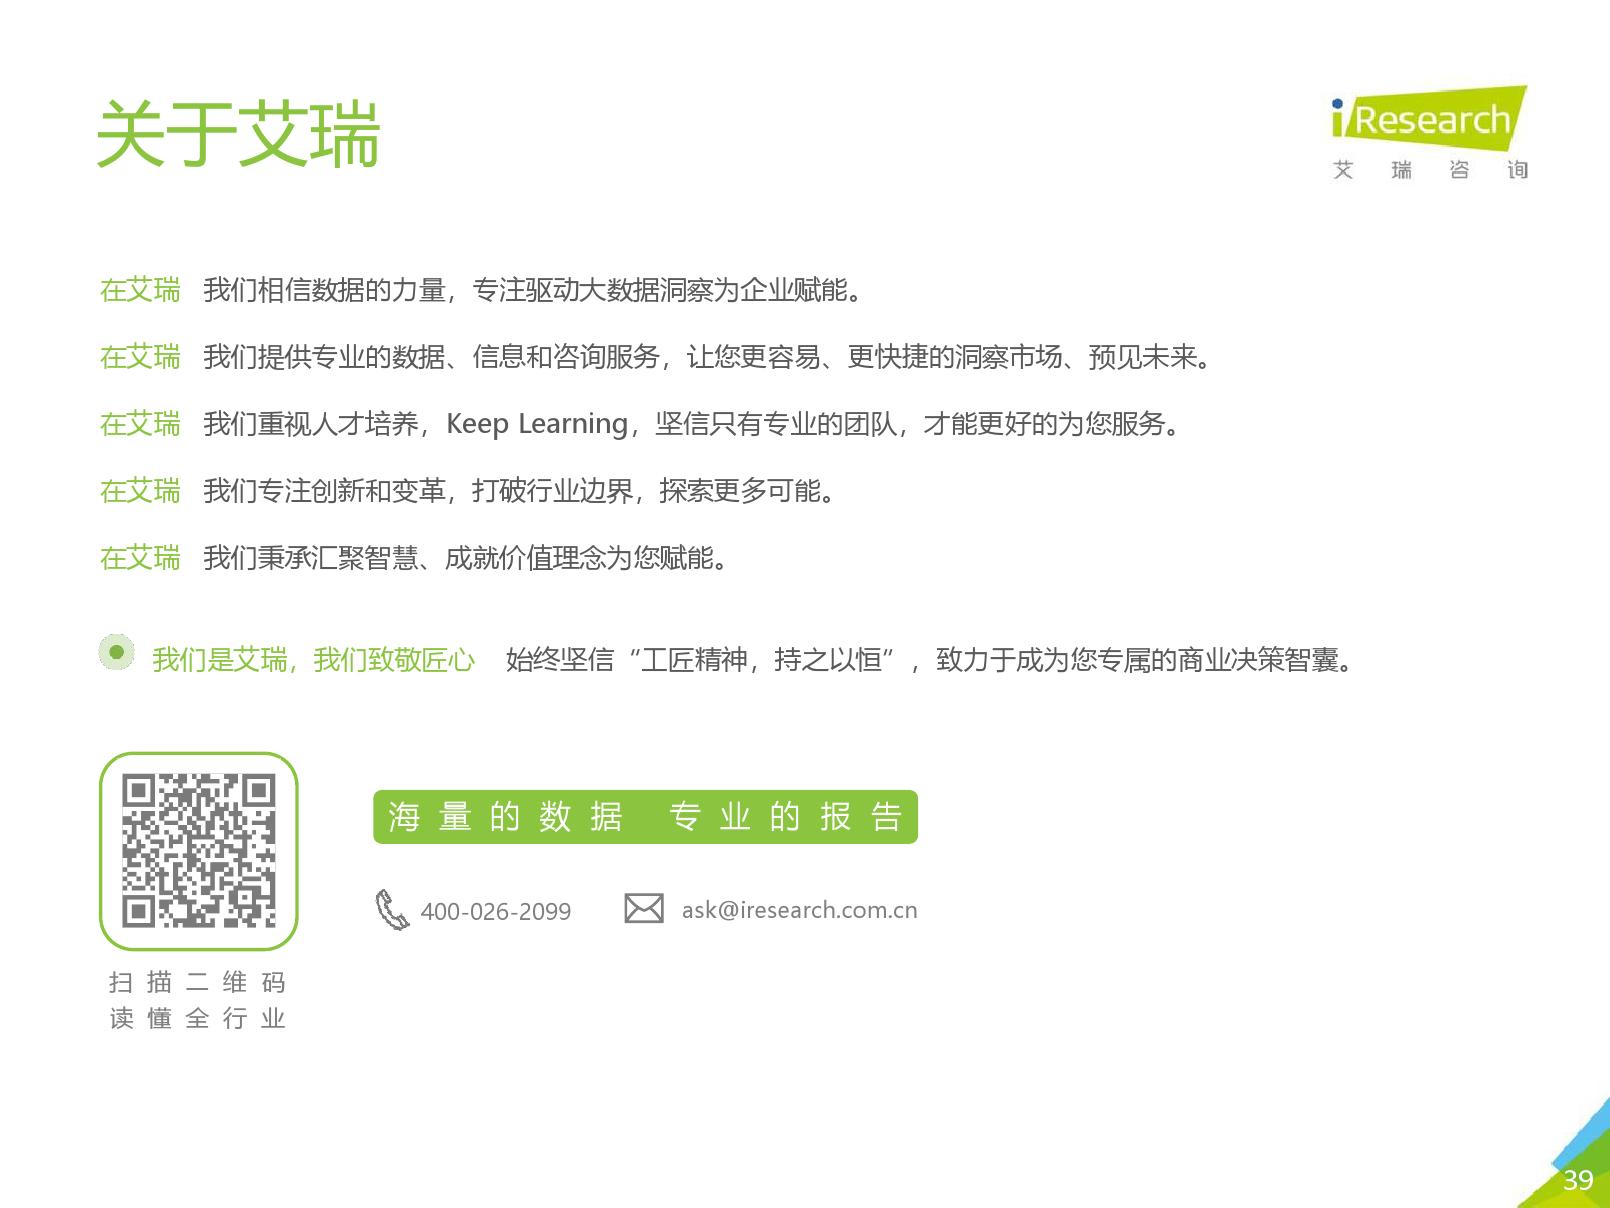 艾瑞咨询:2020年中国游戏直播行业研究报告(可下载报告)插图(77)